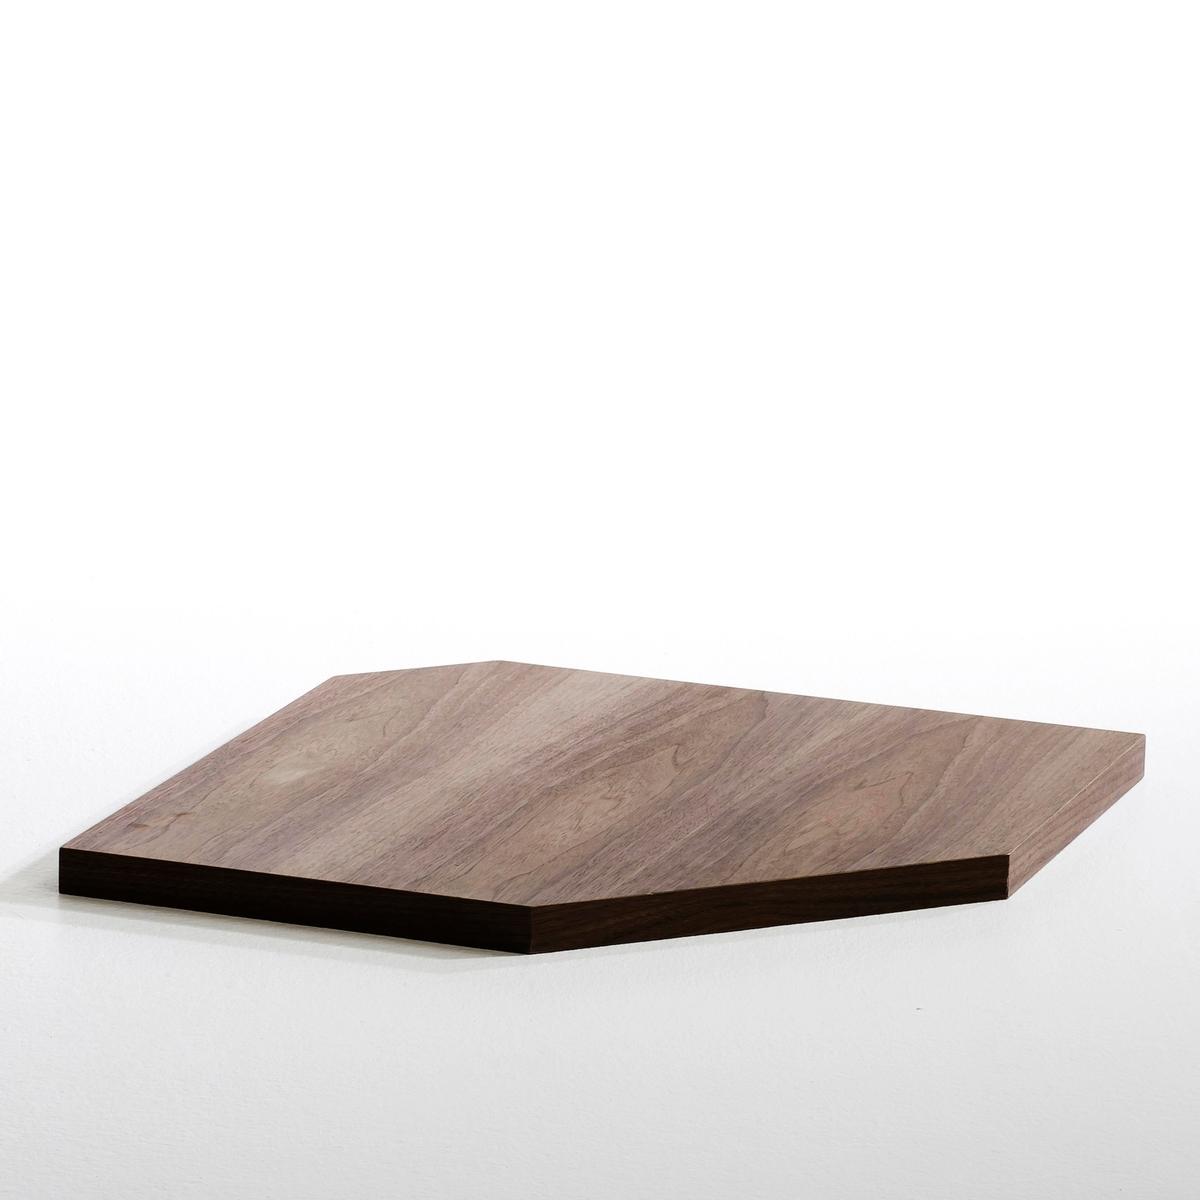 Угловая полка Kyriel для гардеробнойХарактеристики :- Из МДФ с покрытием ПУ лаком или отделкой под орех- Крепится к опоре благодаря кронштейнам угловой этажерки.Размеры :- 63 x 3,5 x 63 см Размеры и вес упаковки :- 73,6 x 10 x 71 см, 5,21 кг<br><br>Цвет: ореховый